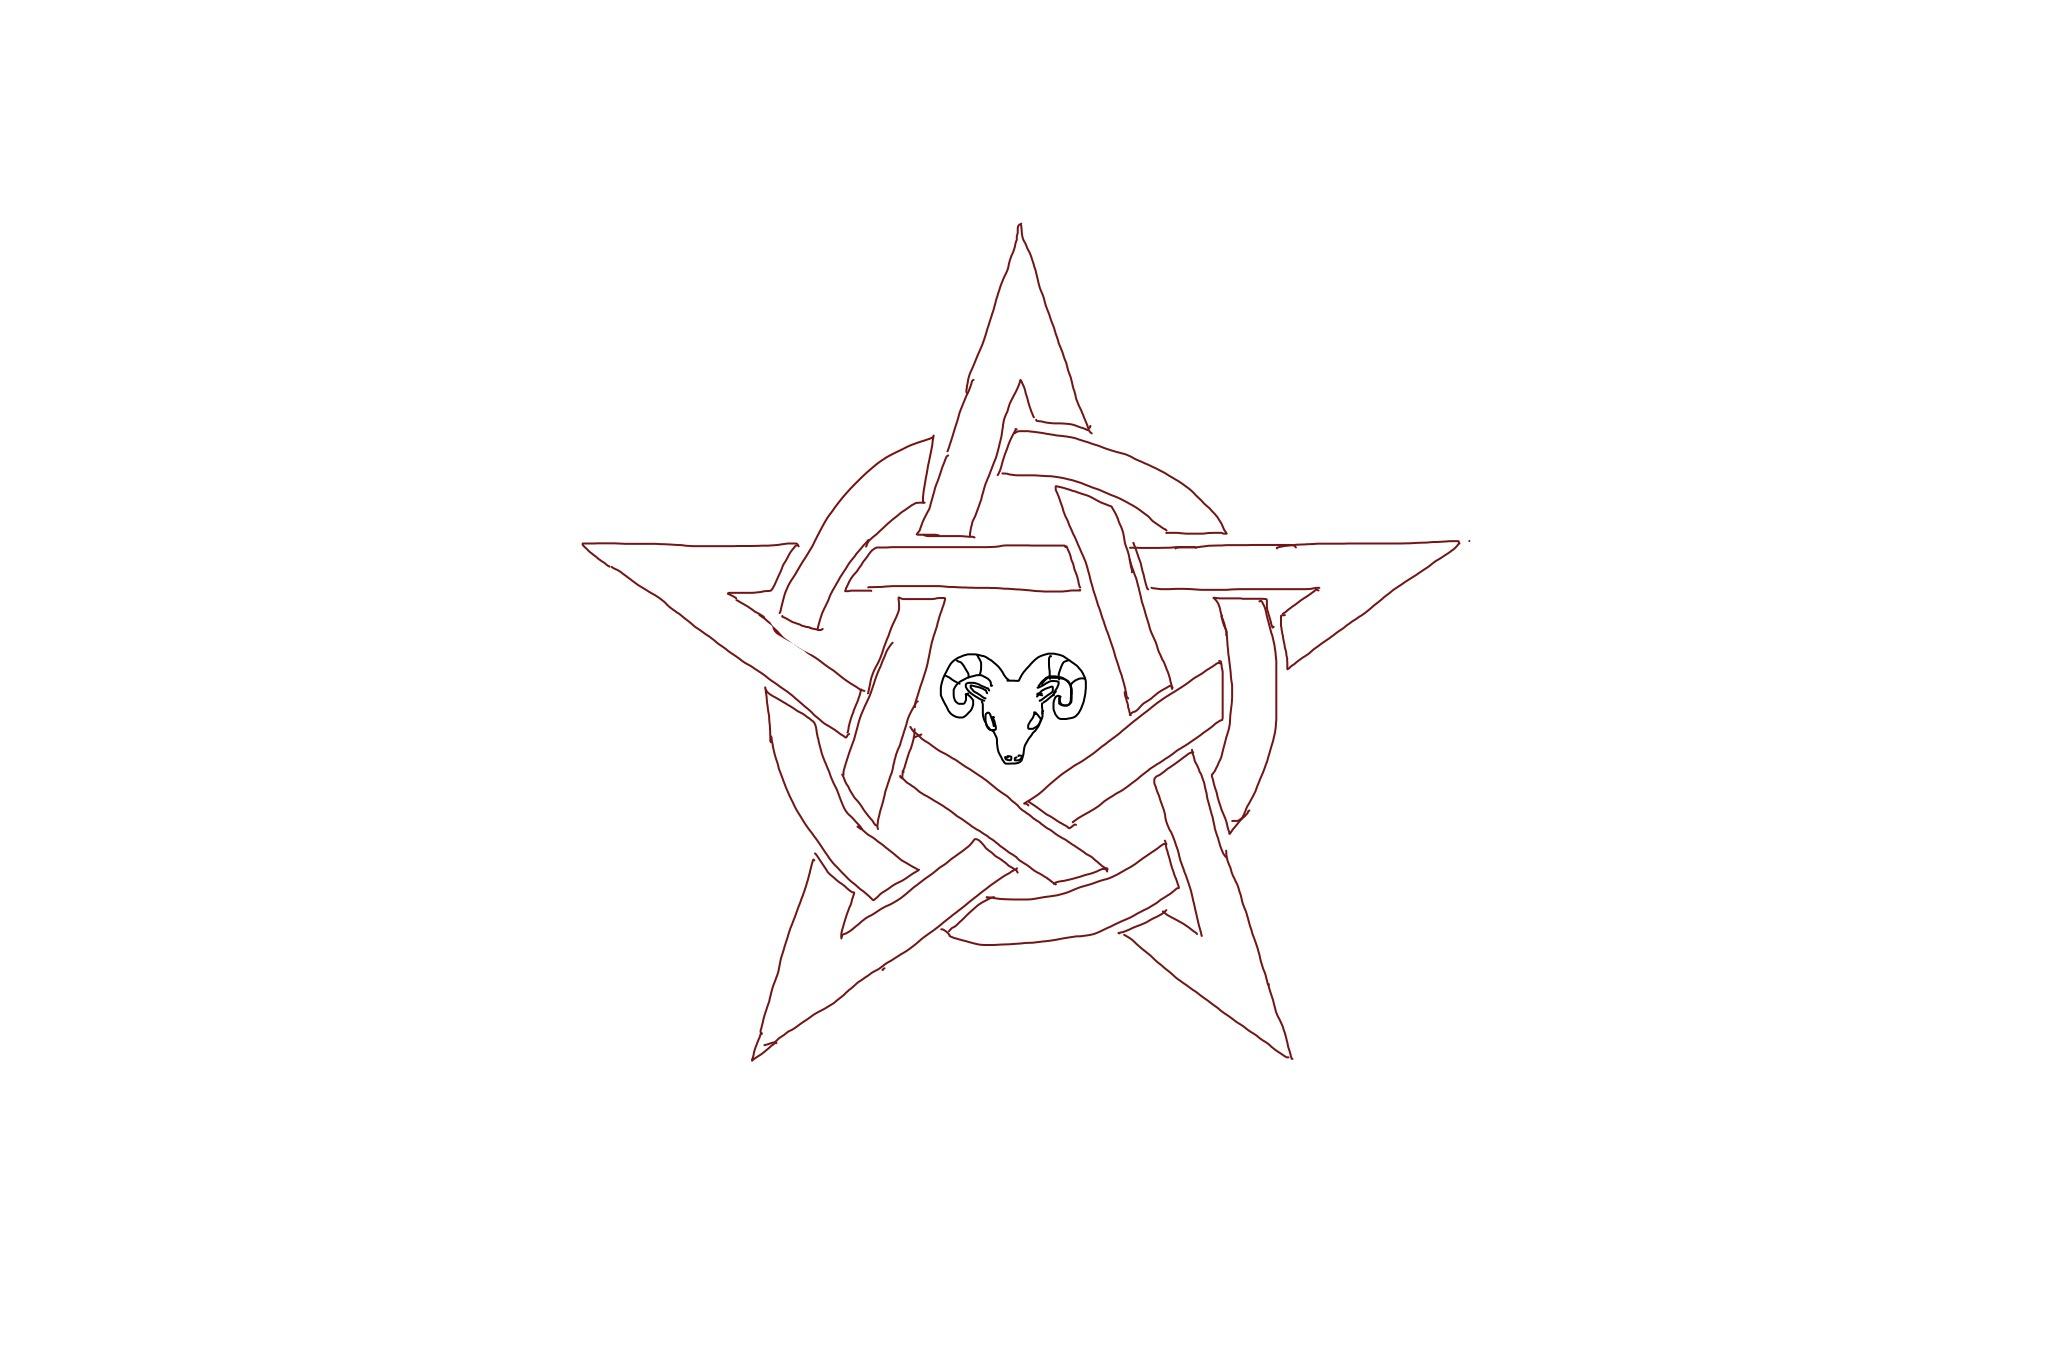 A pentagram I drew a long time ago